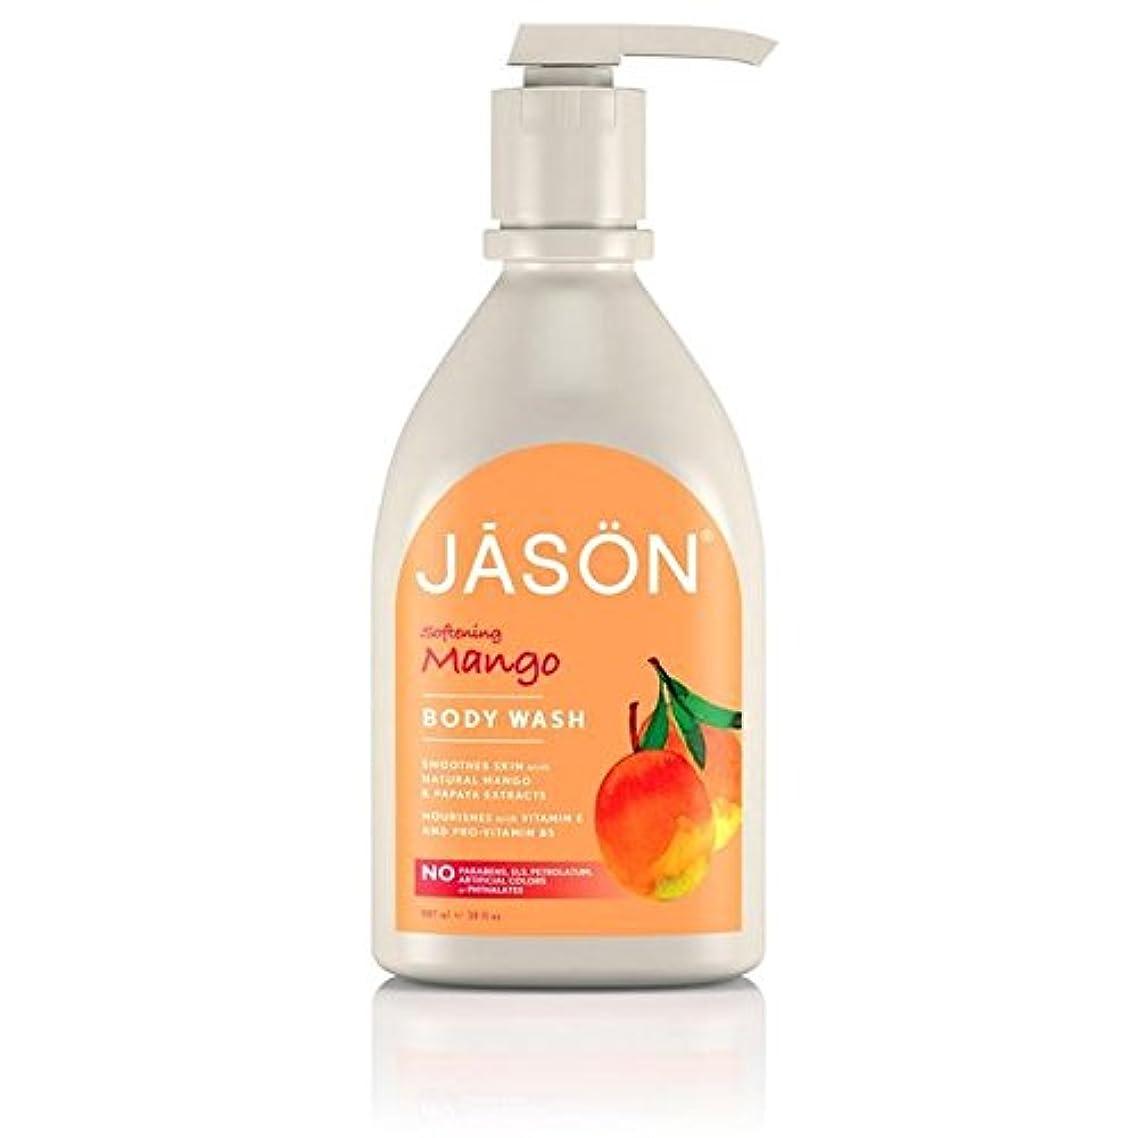 つかいますしてはいけない犠牲ジェイソン?マンゴーサテンボディウォッシュポンプ900ミリリットル x2 - Jason Mango Satin Body Wash Pump 900ml (Pack of 2) [並行輸入品]